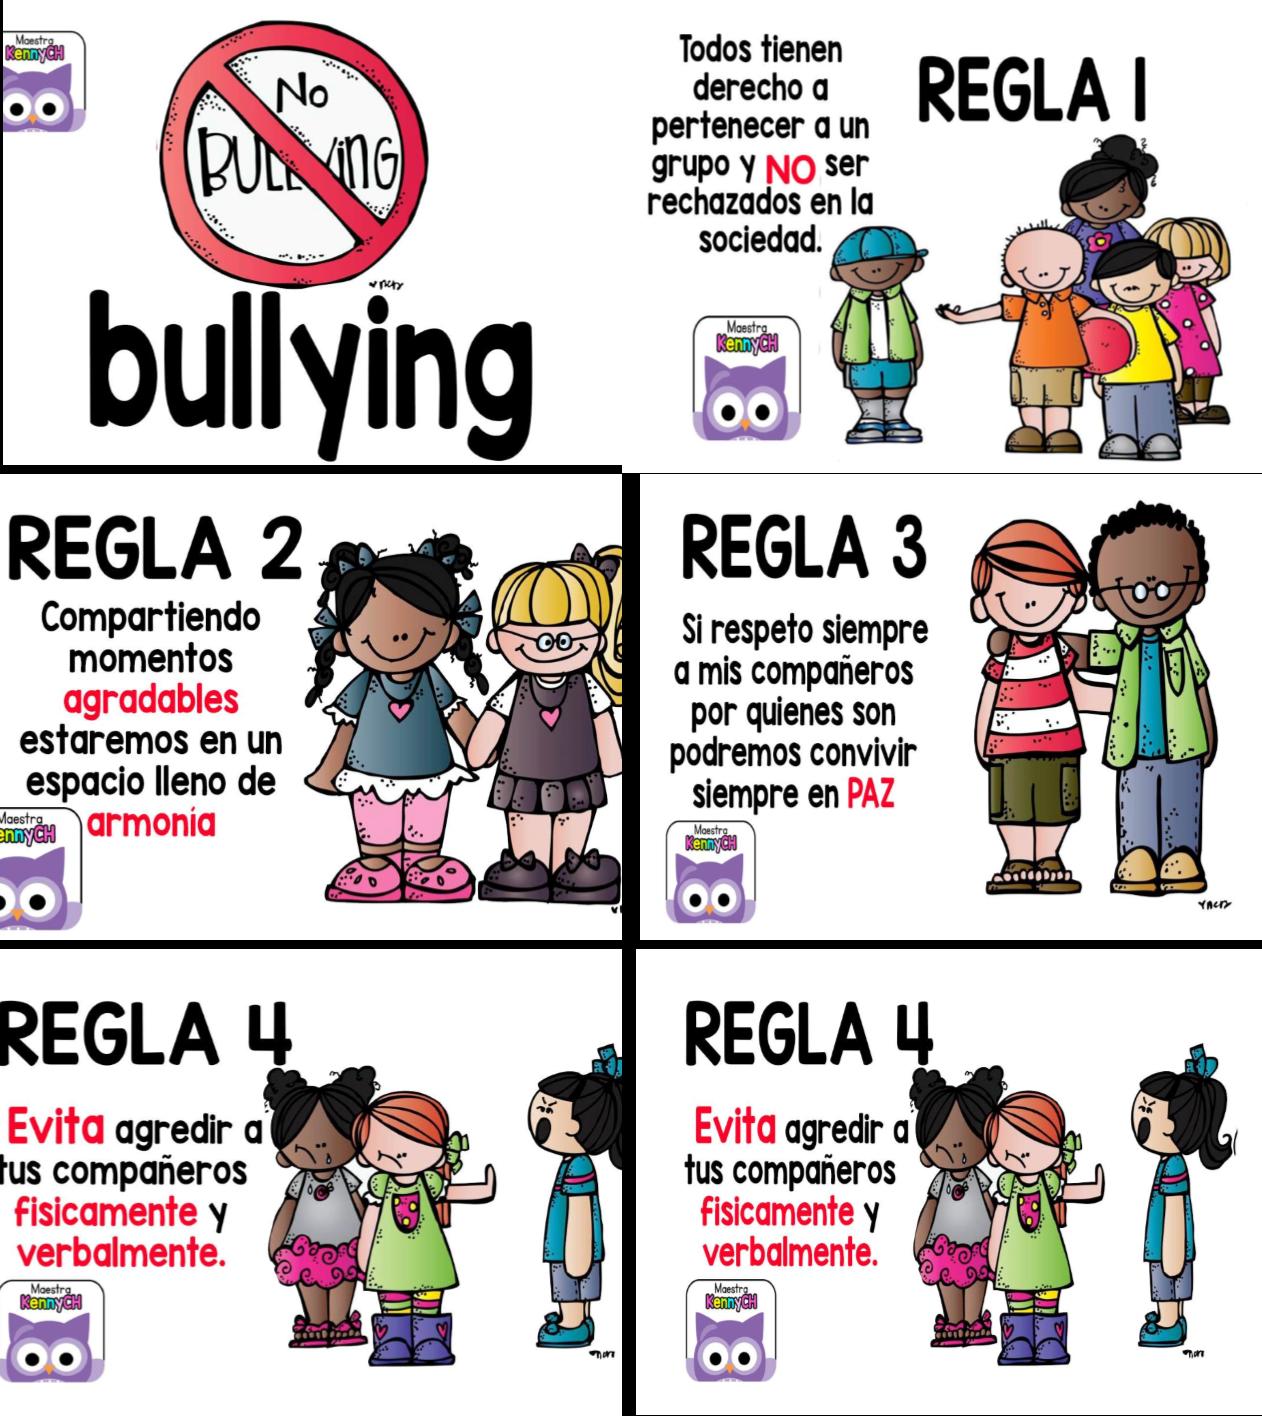 Diseños para decir No al Bullying en la escuela